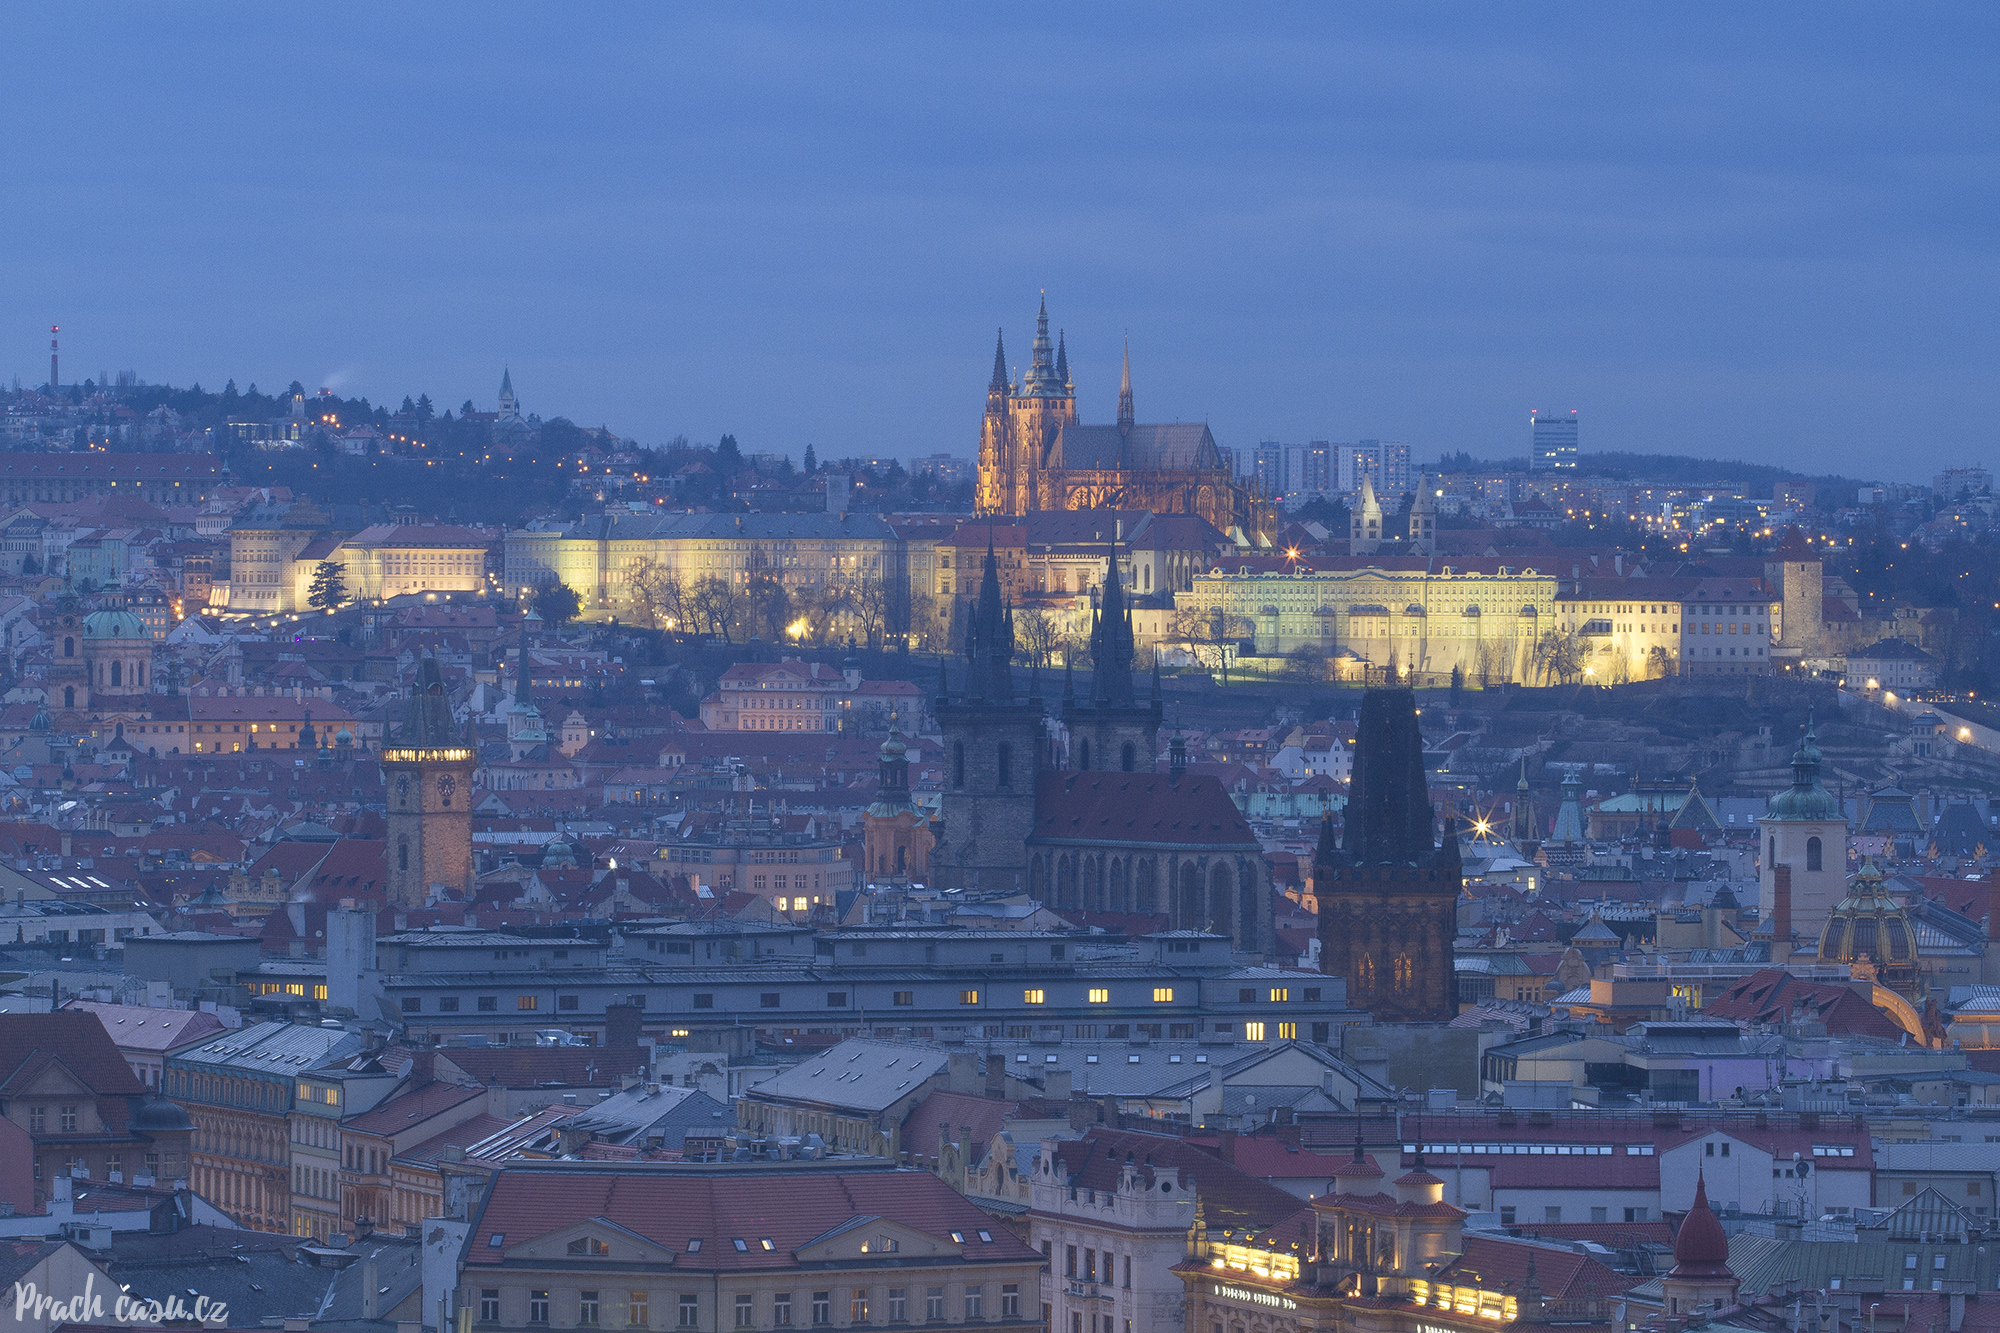 Unikatní pohled na Prahu z výškové budovy na Žižkově. Těsně před rozsvícením nočních světel.